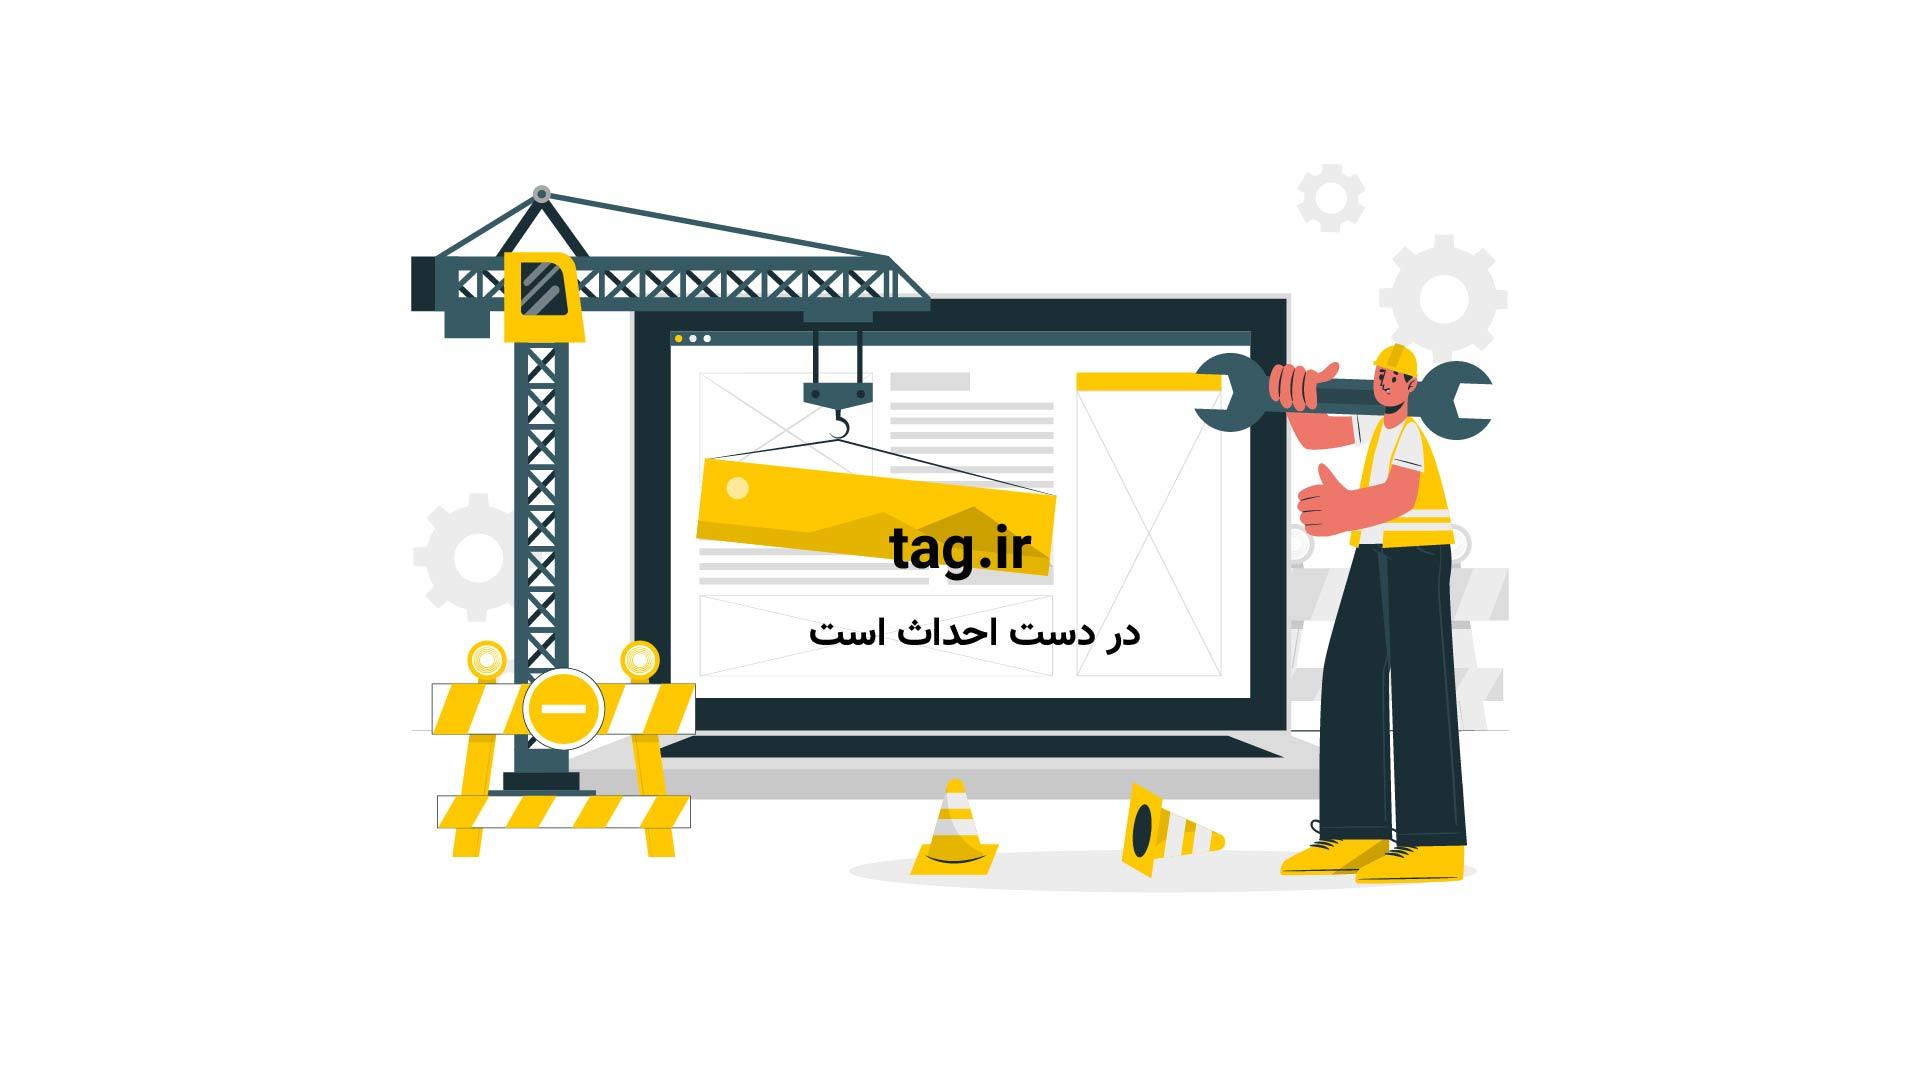 موزه تاریخی آبگینه در شهر تهران | فیلم